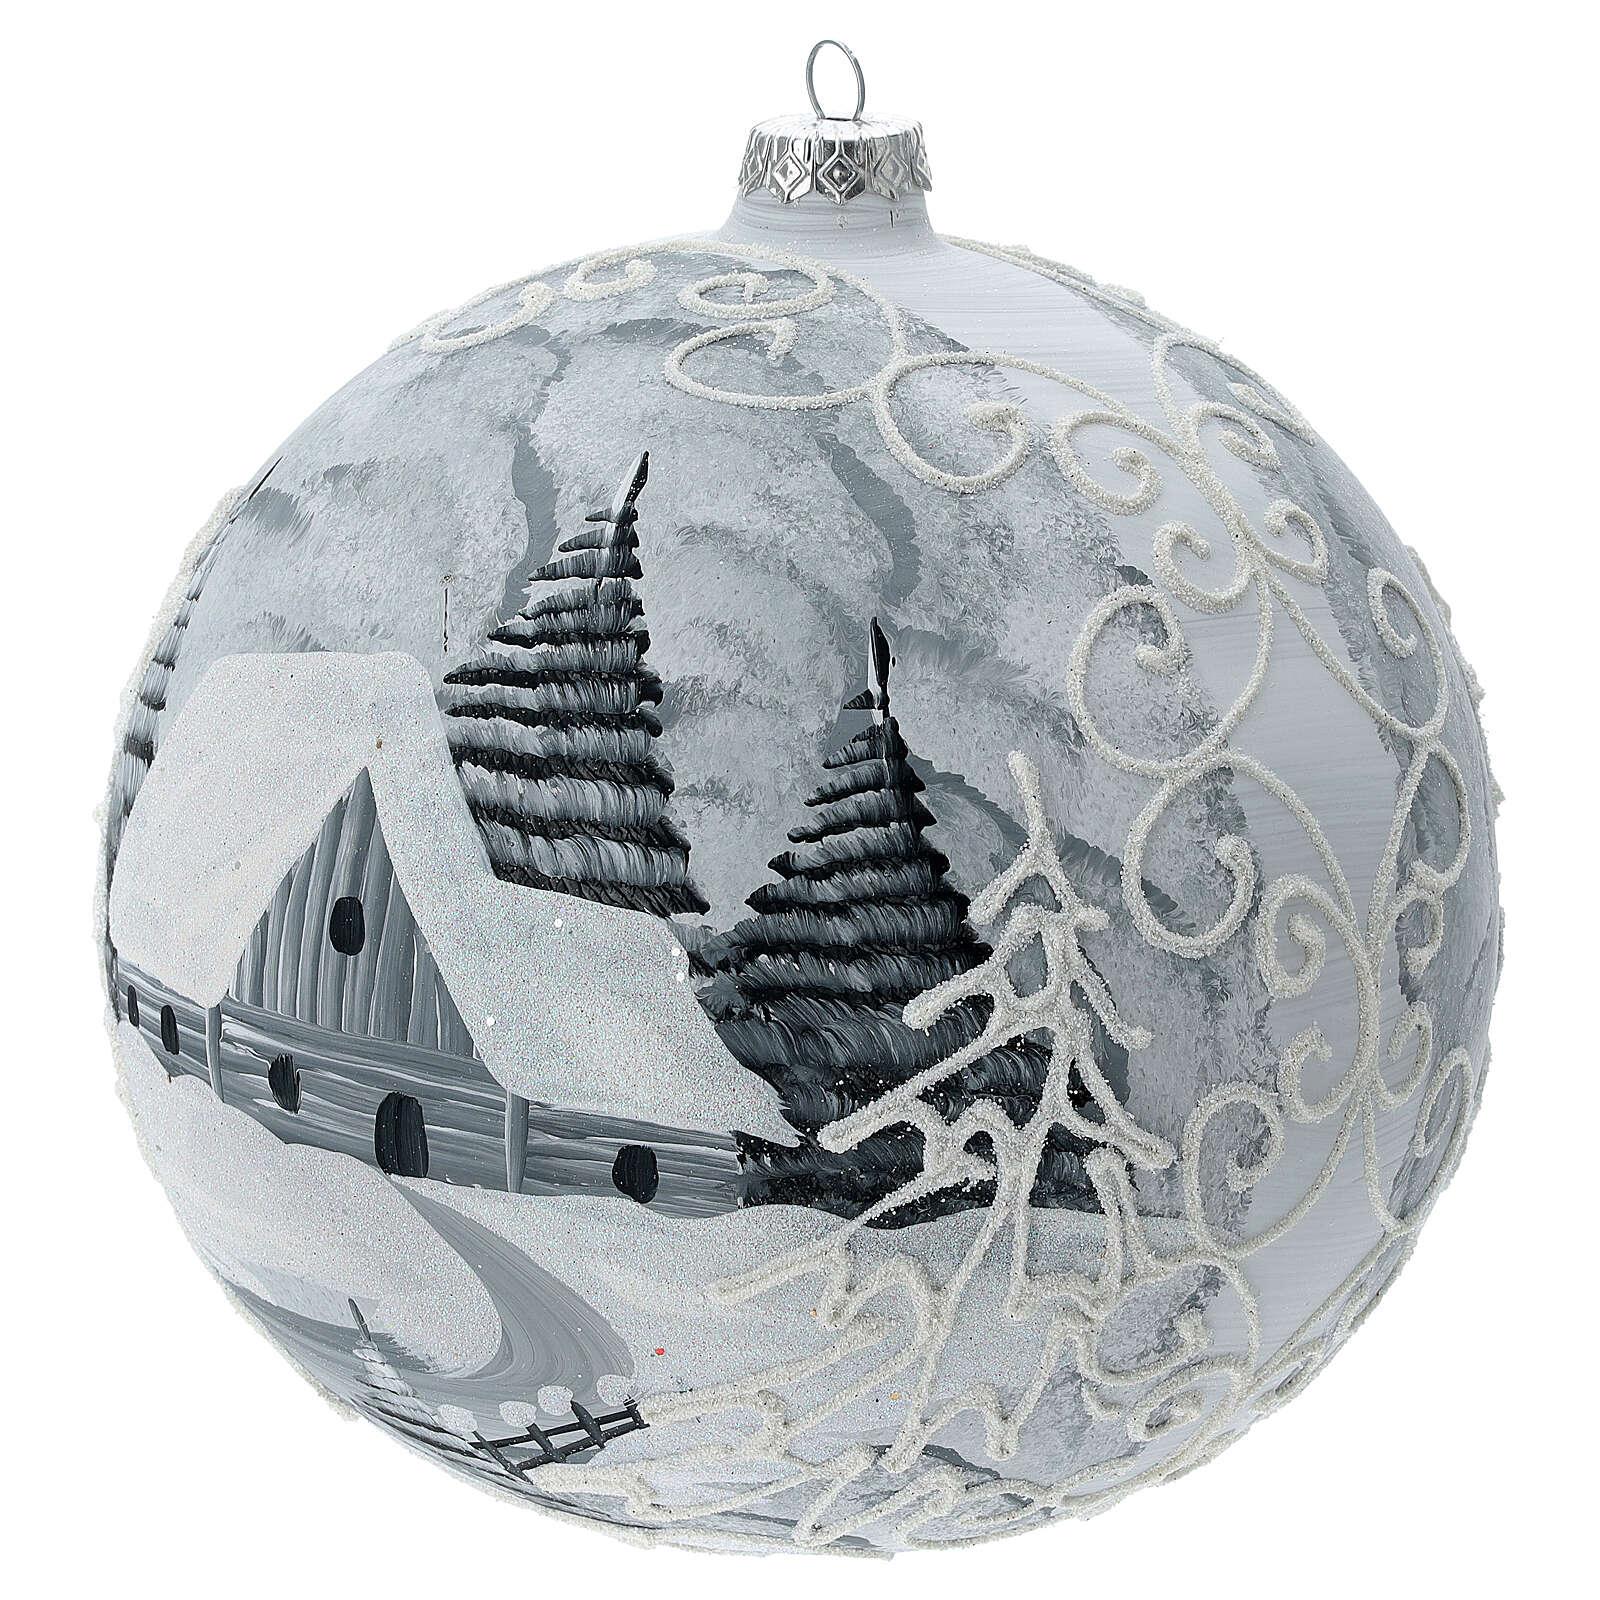 Bola árvore de Natal árvores nevadas, casa e lâmpada de rua vidro soprado 200 mm 4